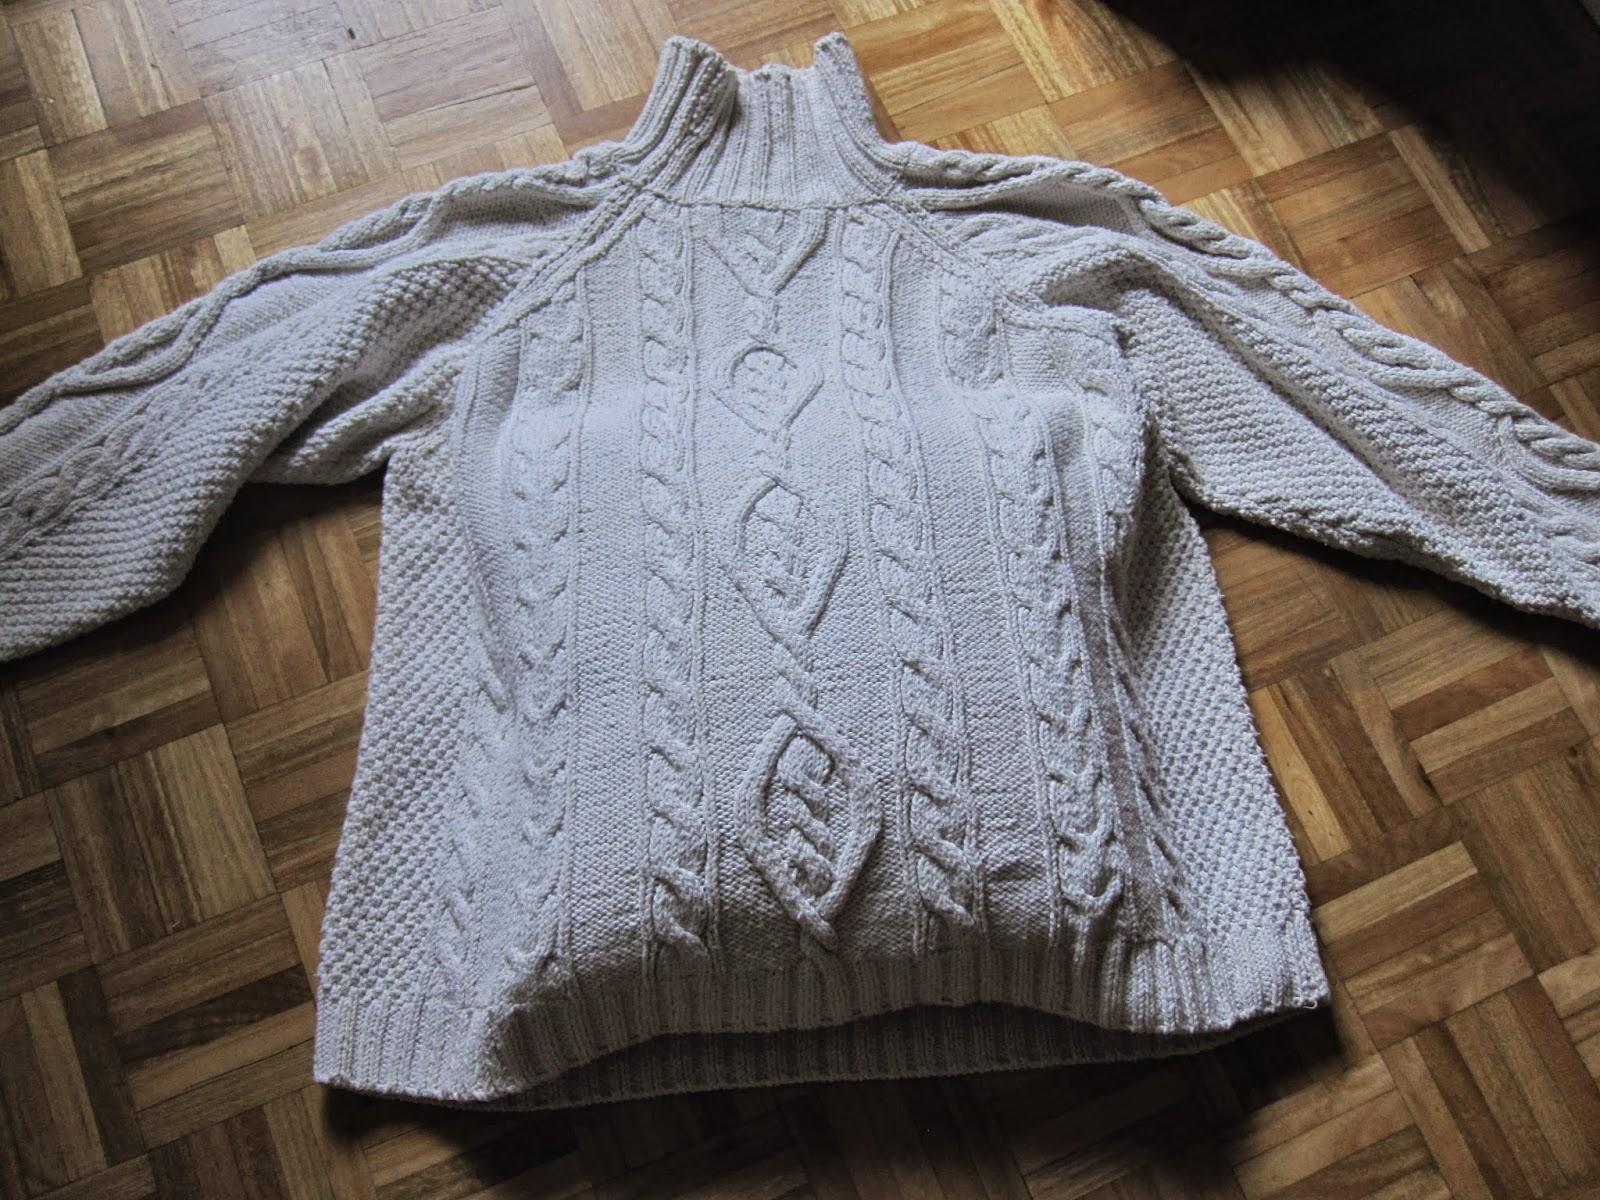 C mo hacer un coj n con un jersey de punto handbox craft lovers comunidad diy tutoriales - Hacer cojines de punto ...